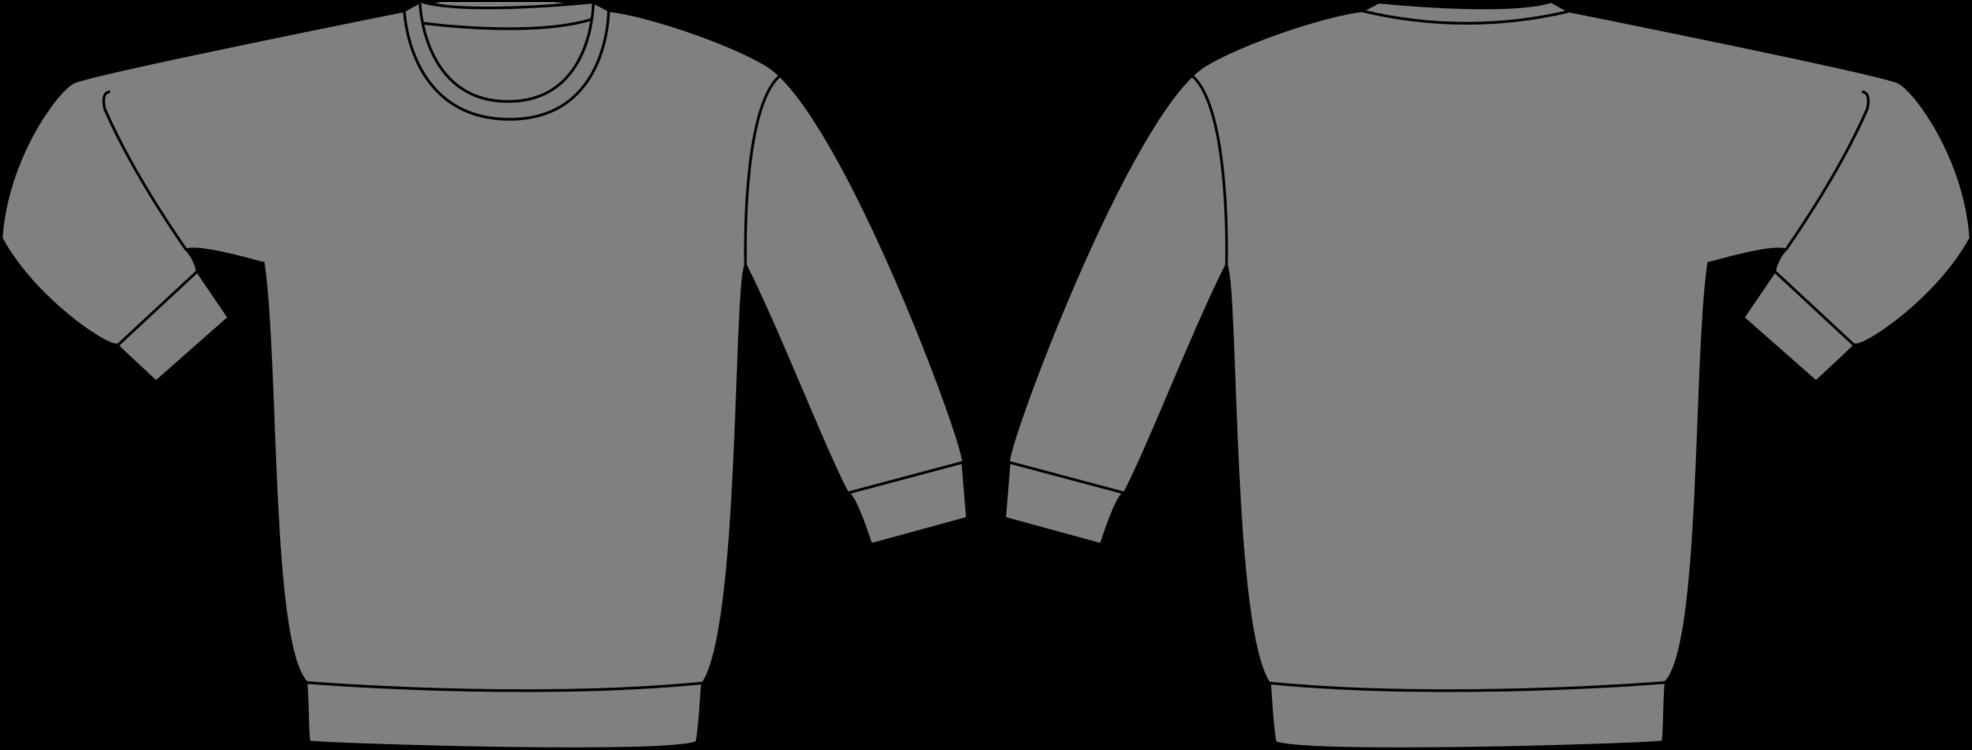 image free library sweatshirt vector hoodie #116139227